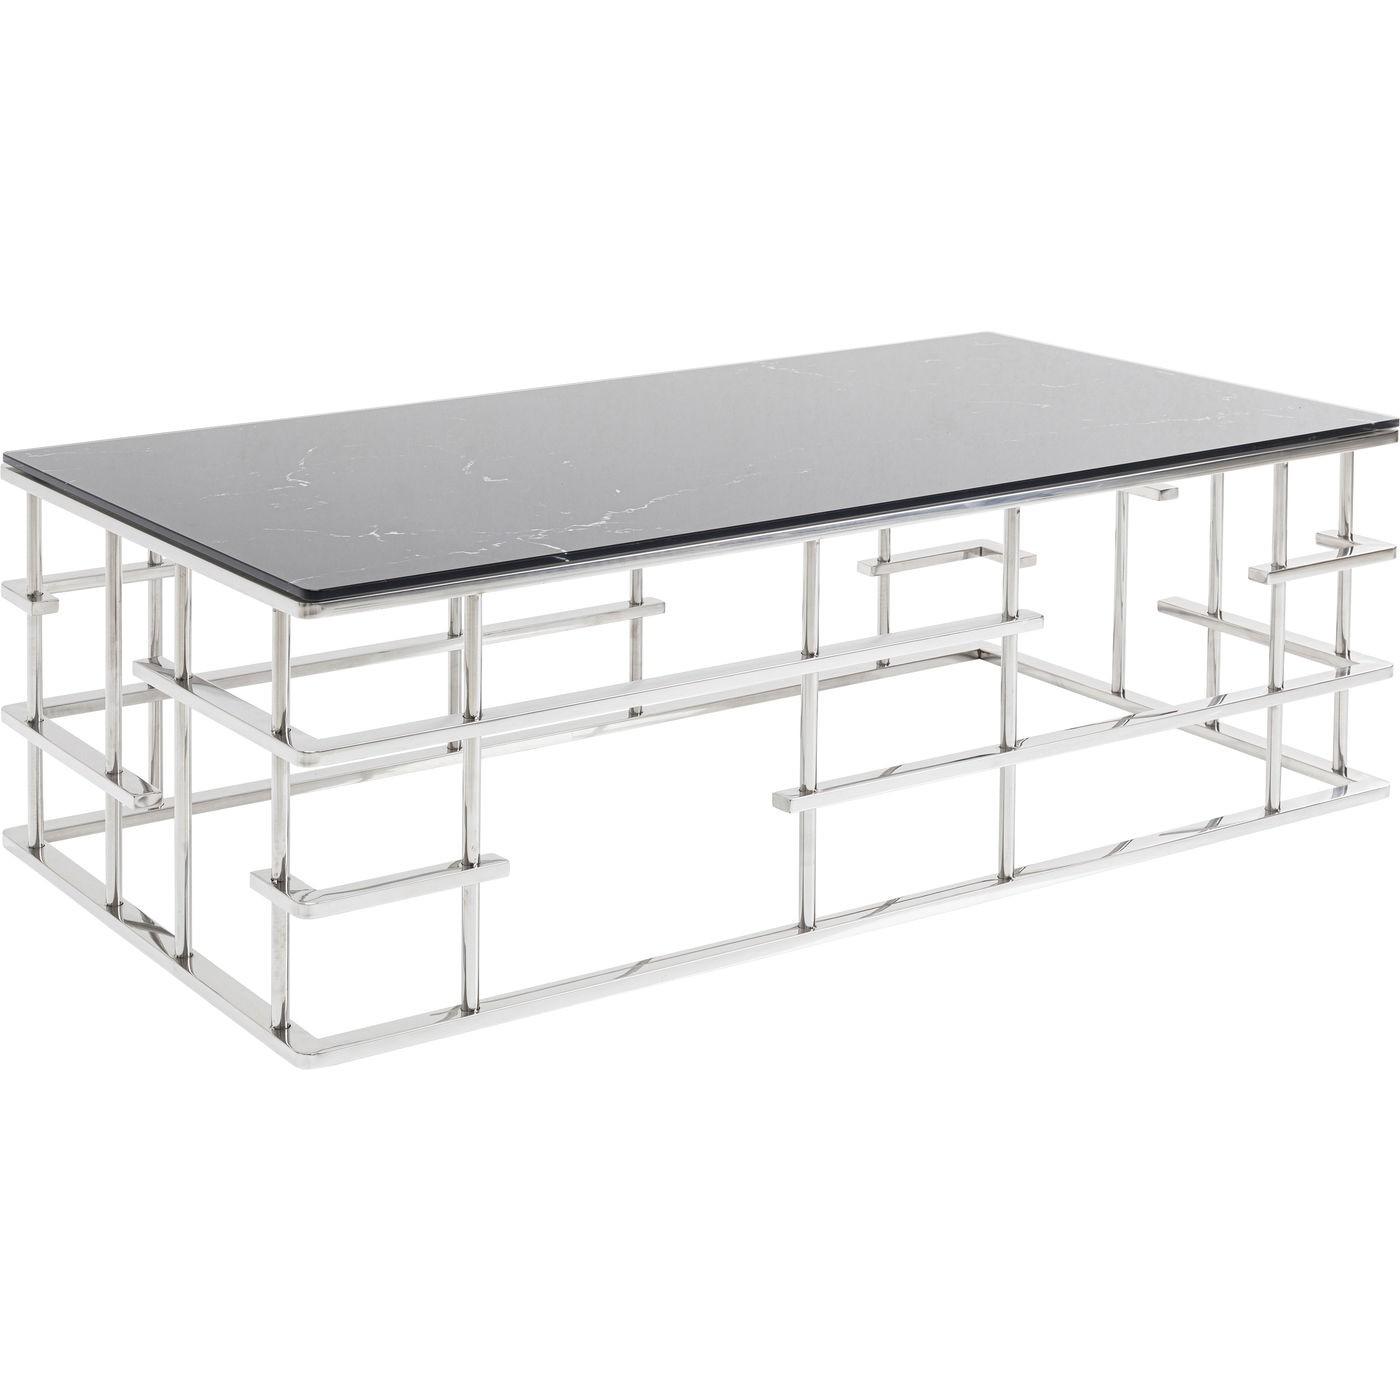 Table basse Rome 130x70cm noir et argent Kare Design